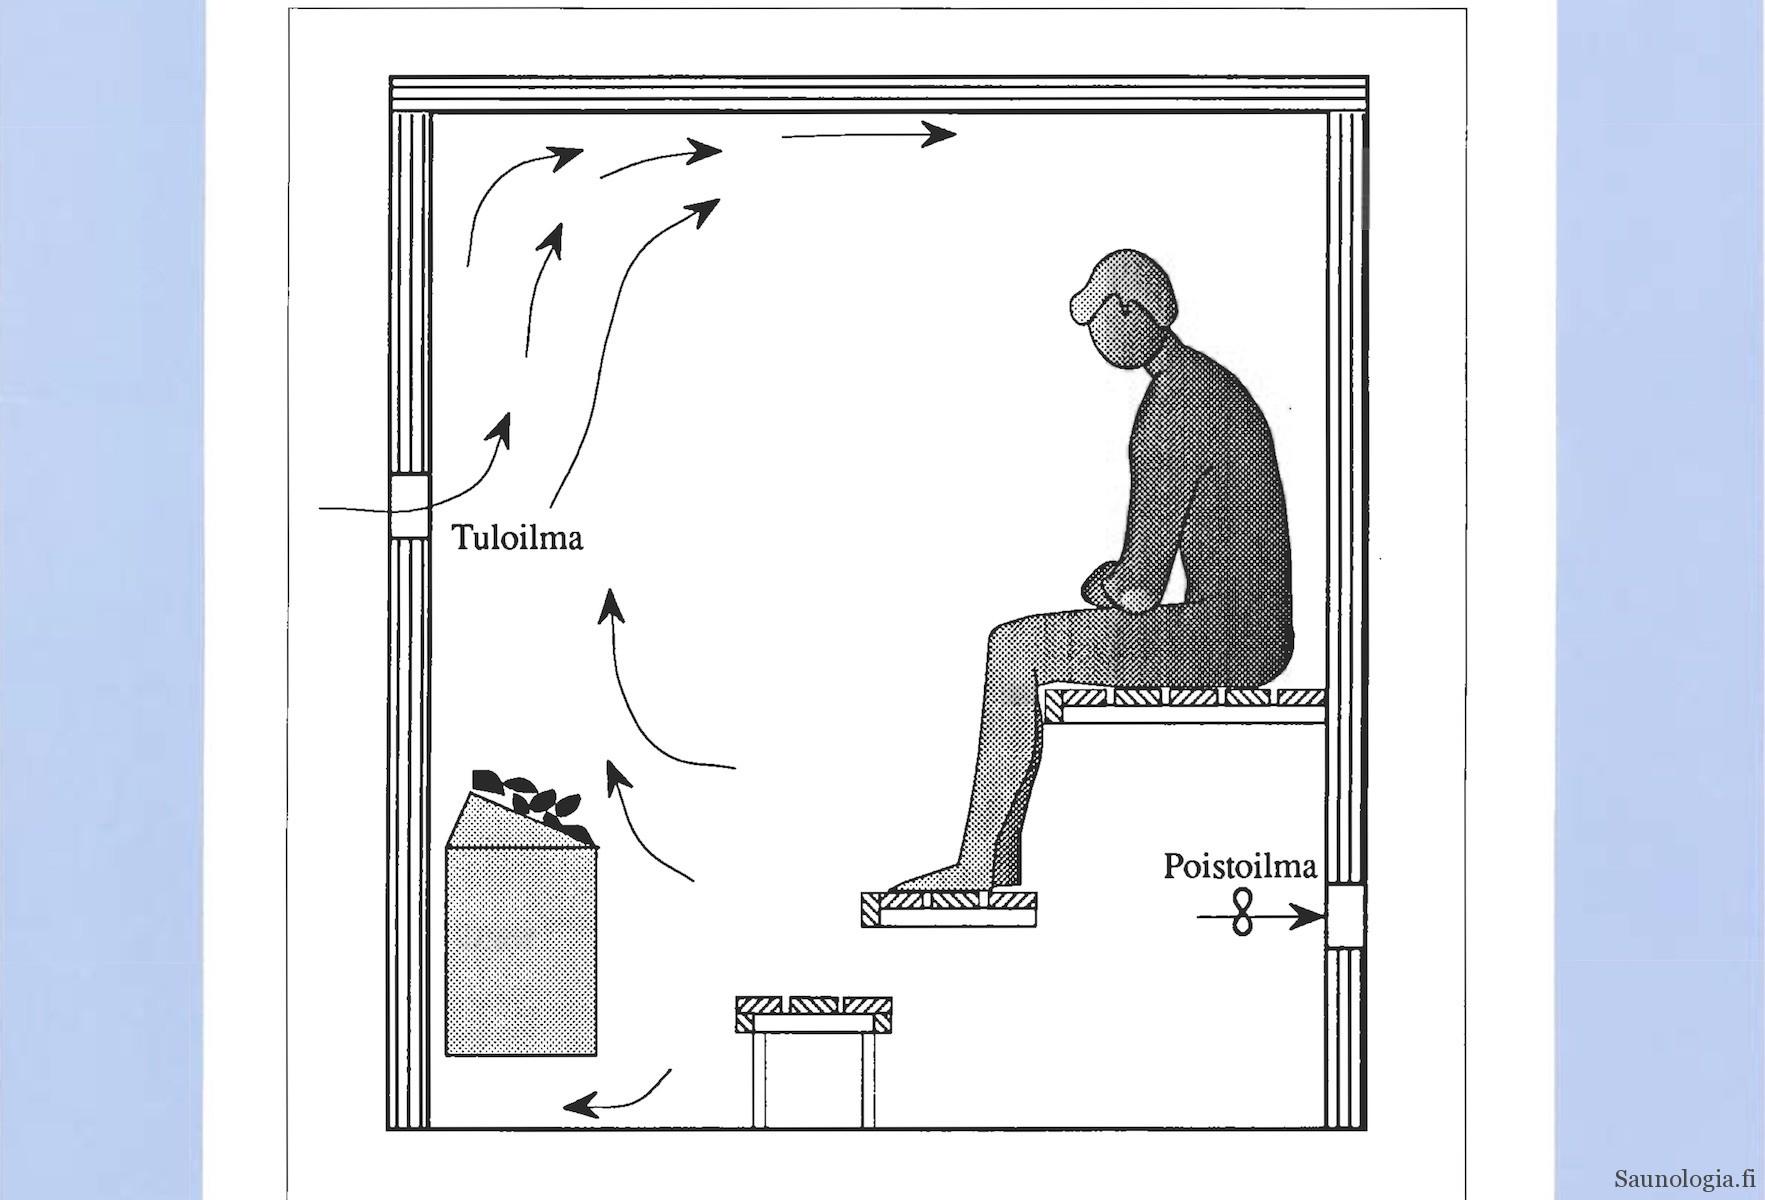 Sauna ja koneellisen ilmanvaihdon ratkaisut